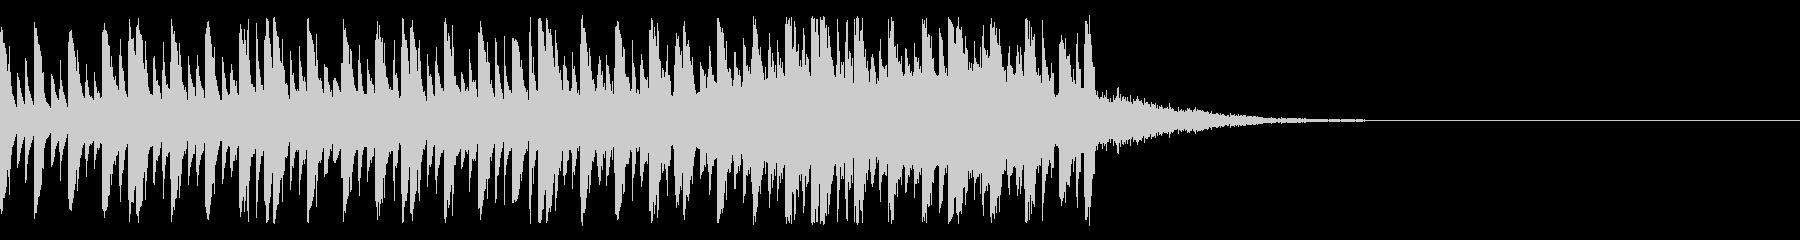 クイズのシンキングタイムのようなEDMの未再生の波形